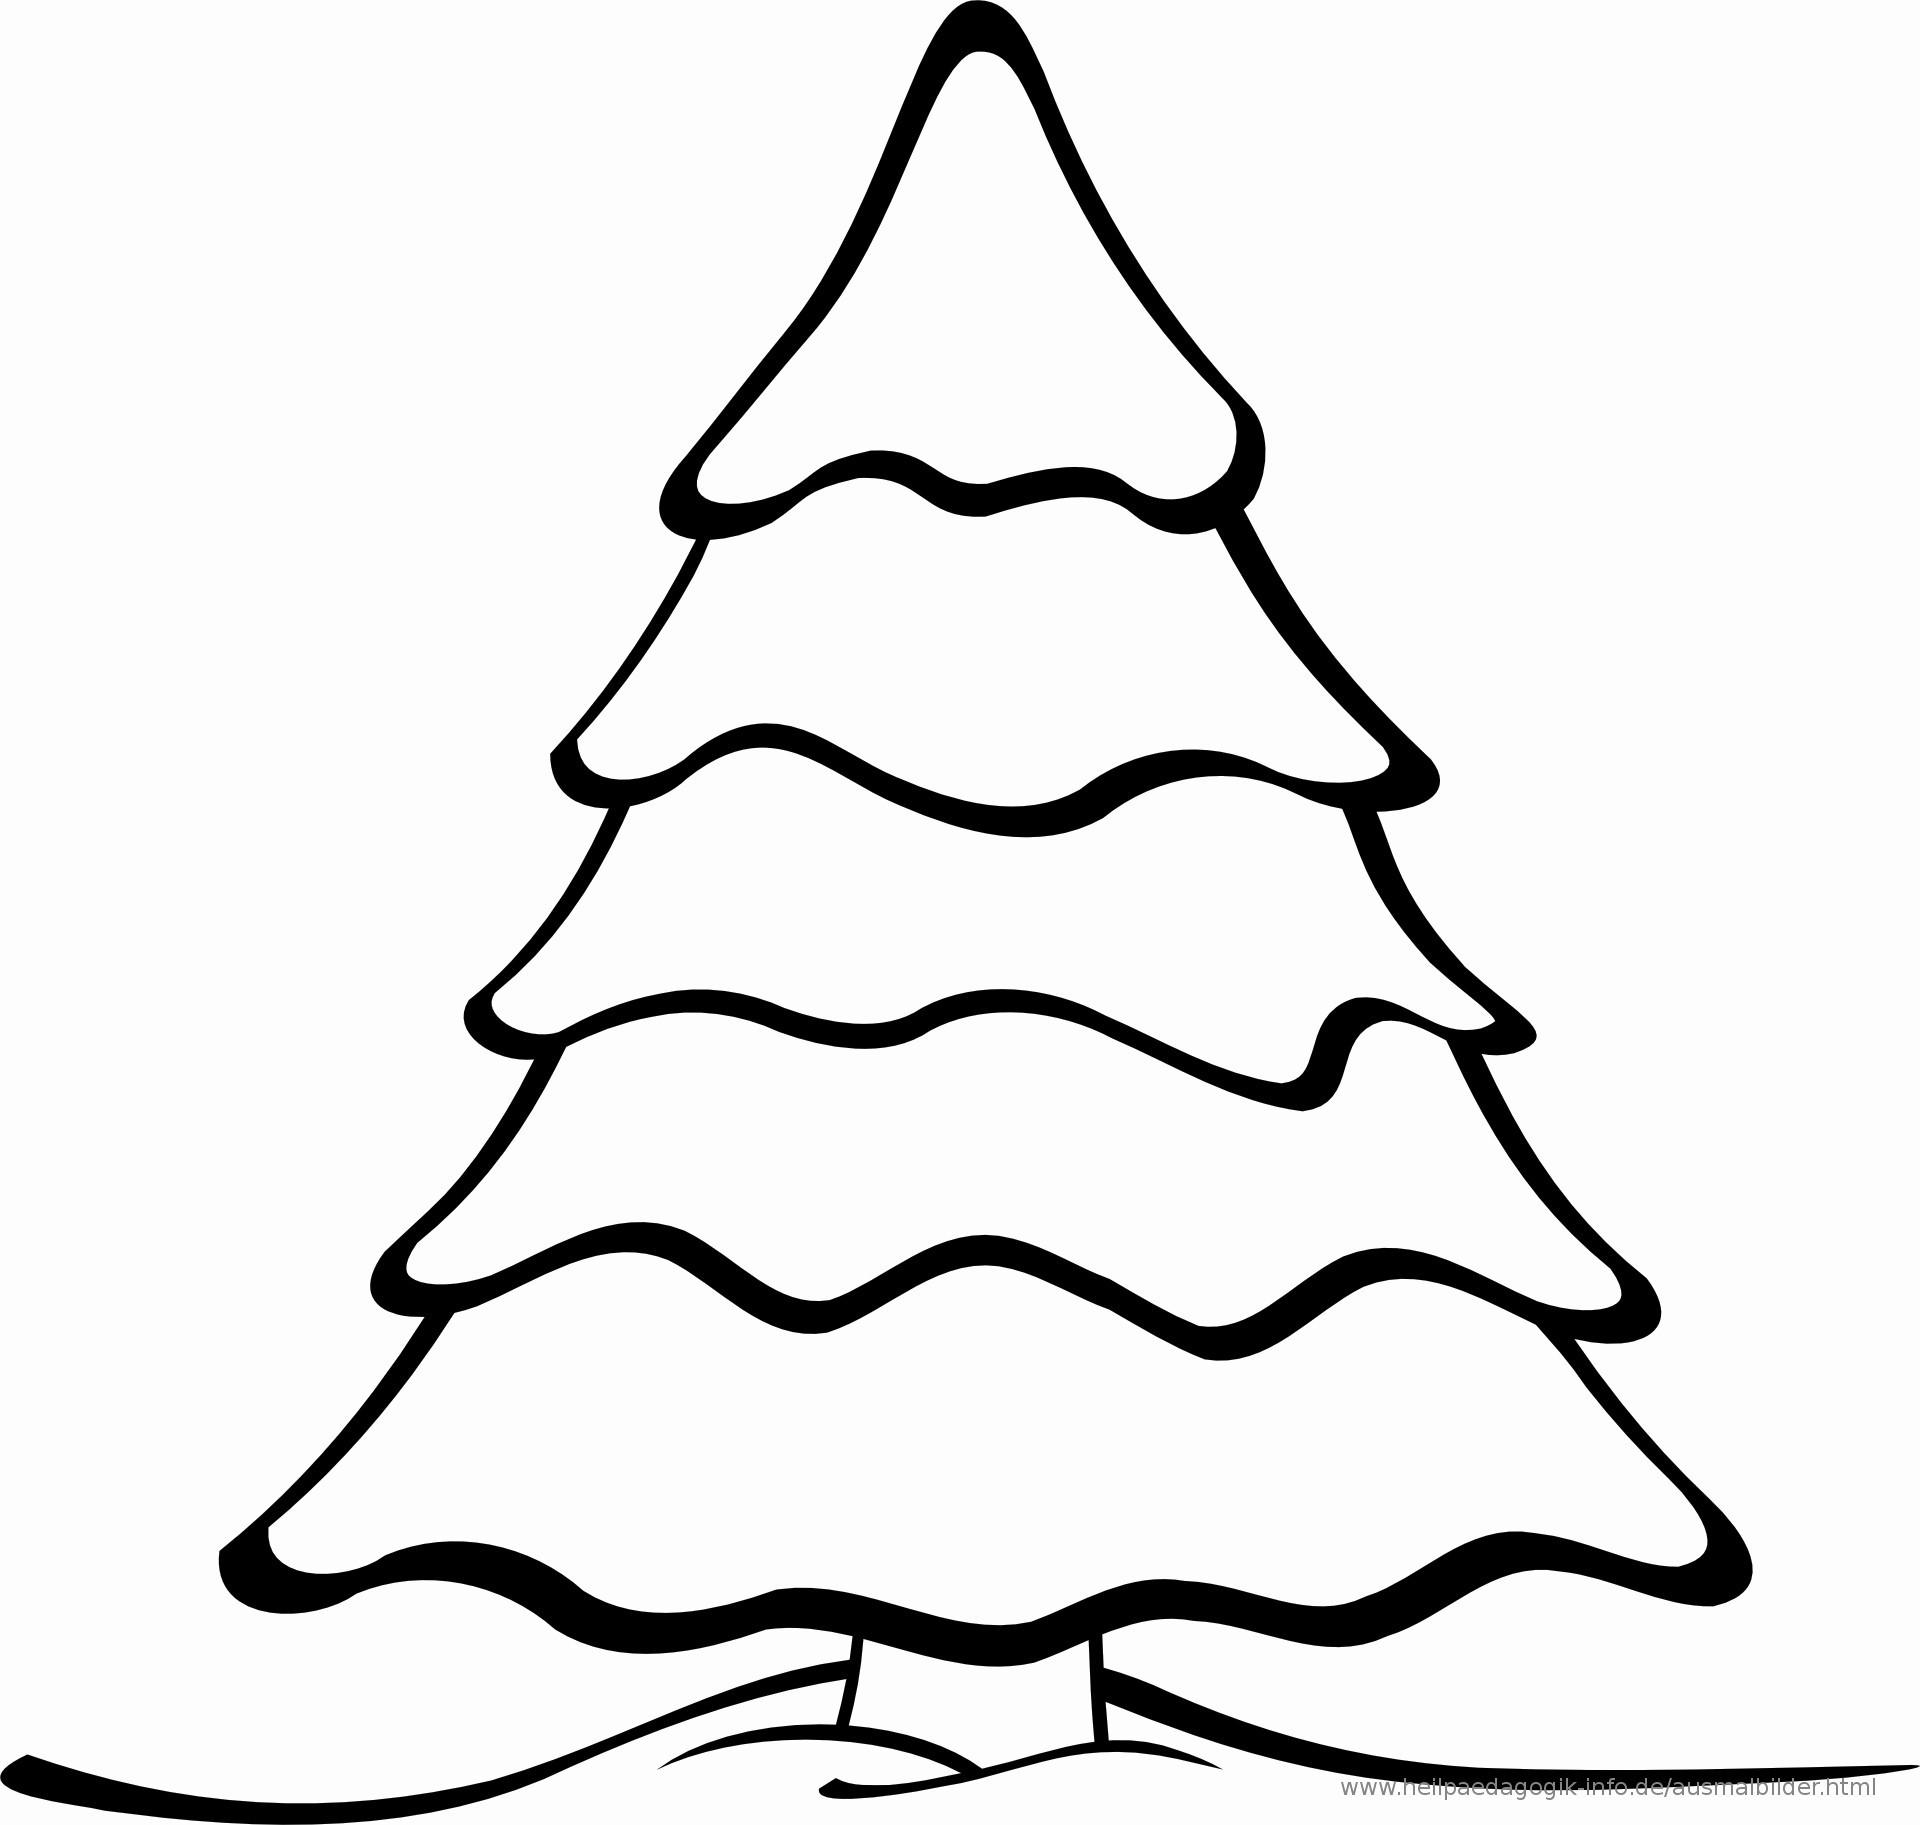 Malvorlagen Weihnachten Tannenbaum Frisch Tannenbaum Zum Ausdrucken Tannenbaum Vorlage Zum Ausdrucken Fotos